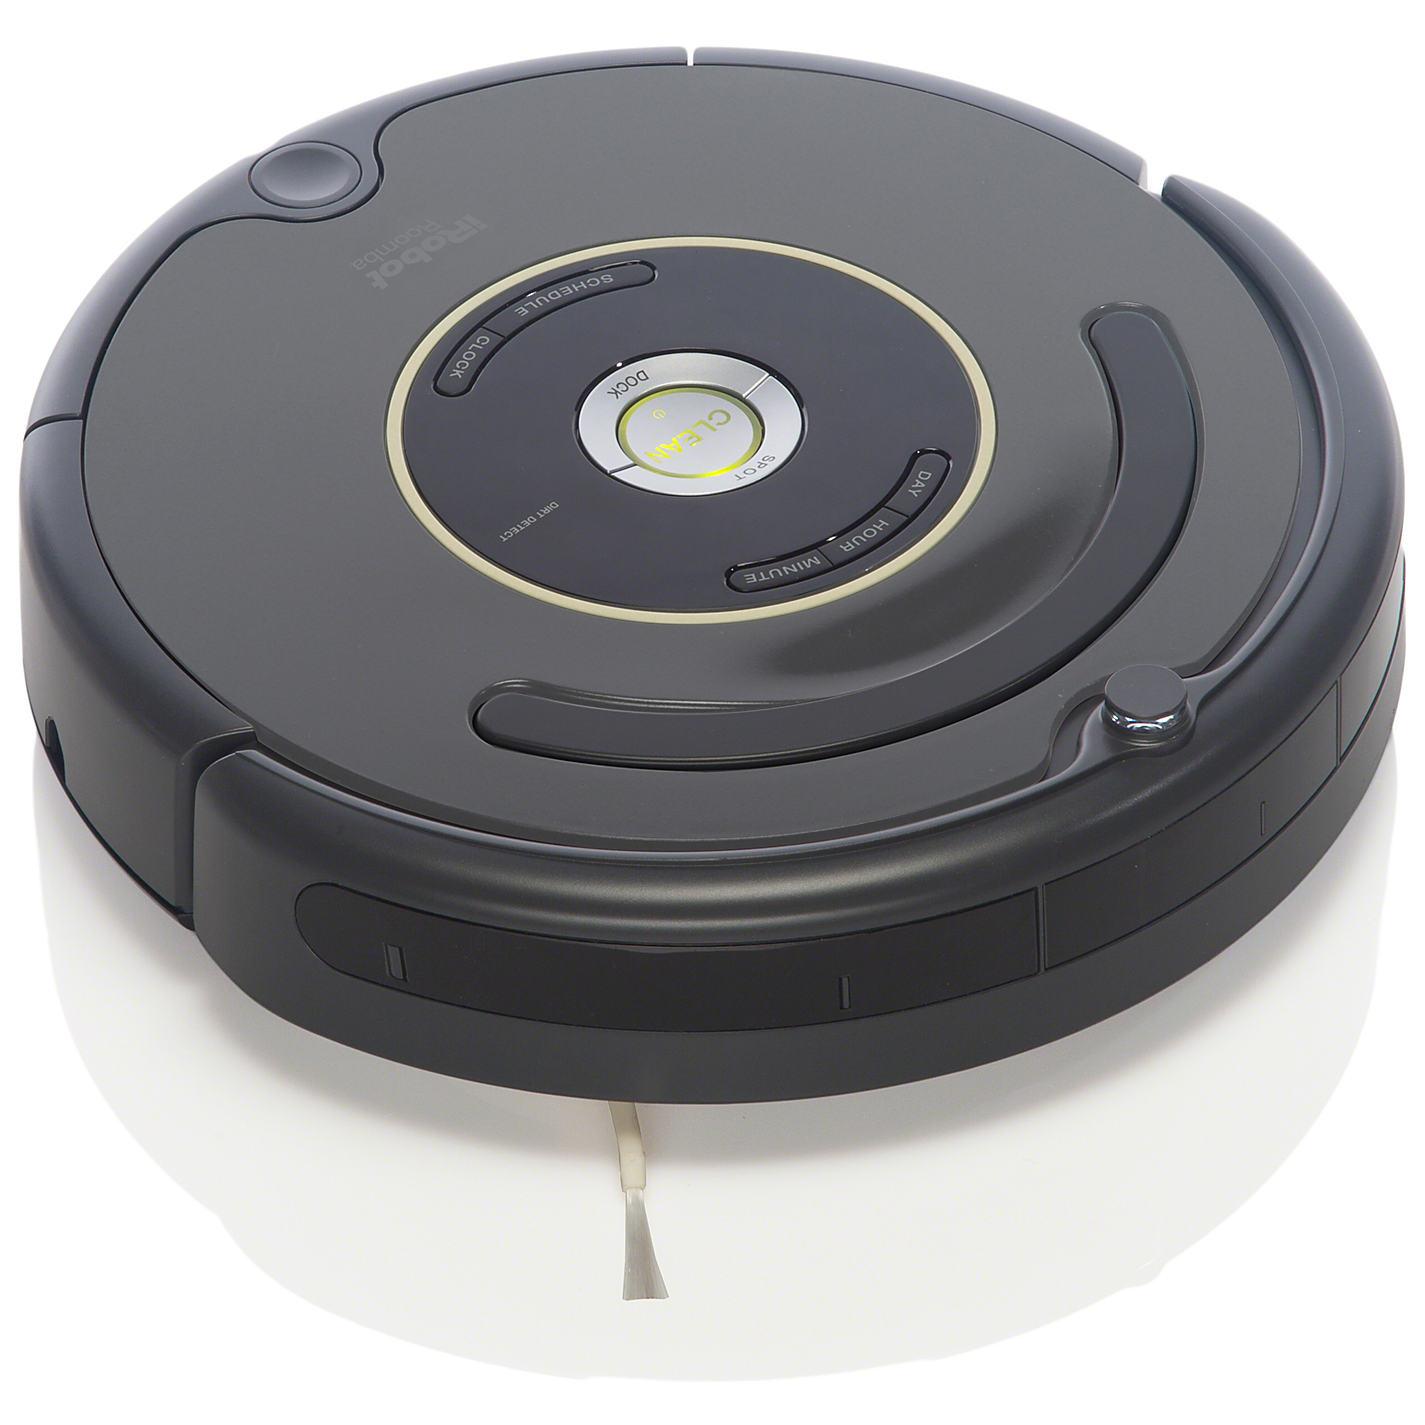 Buy iRobot Roomba 651 Robot Vacuum Cleaner | John Lewis